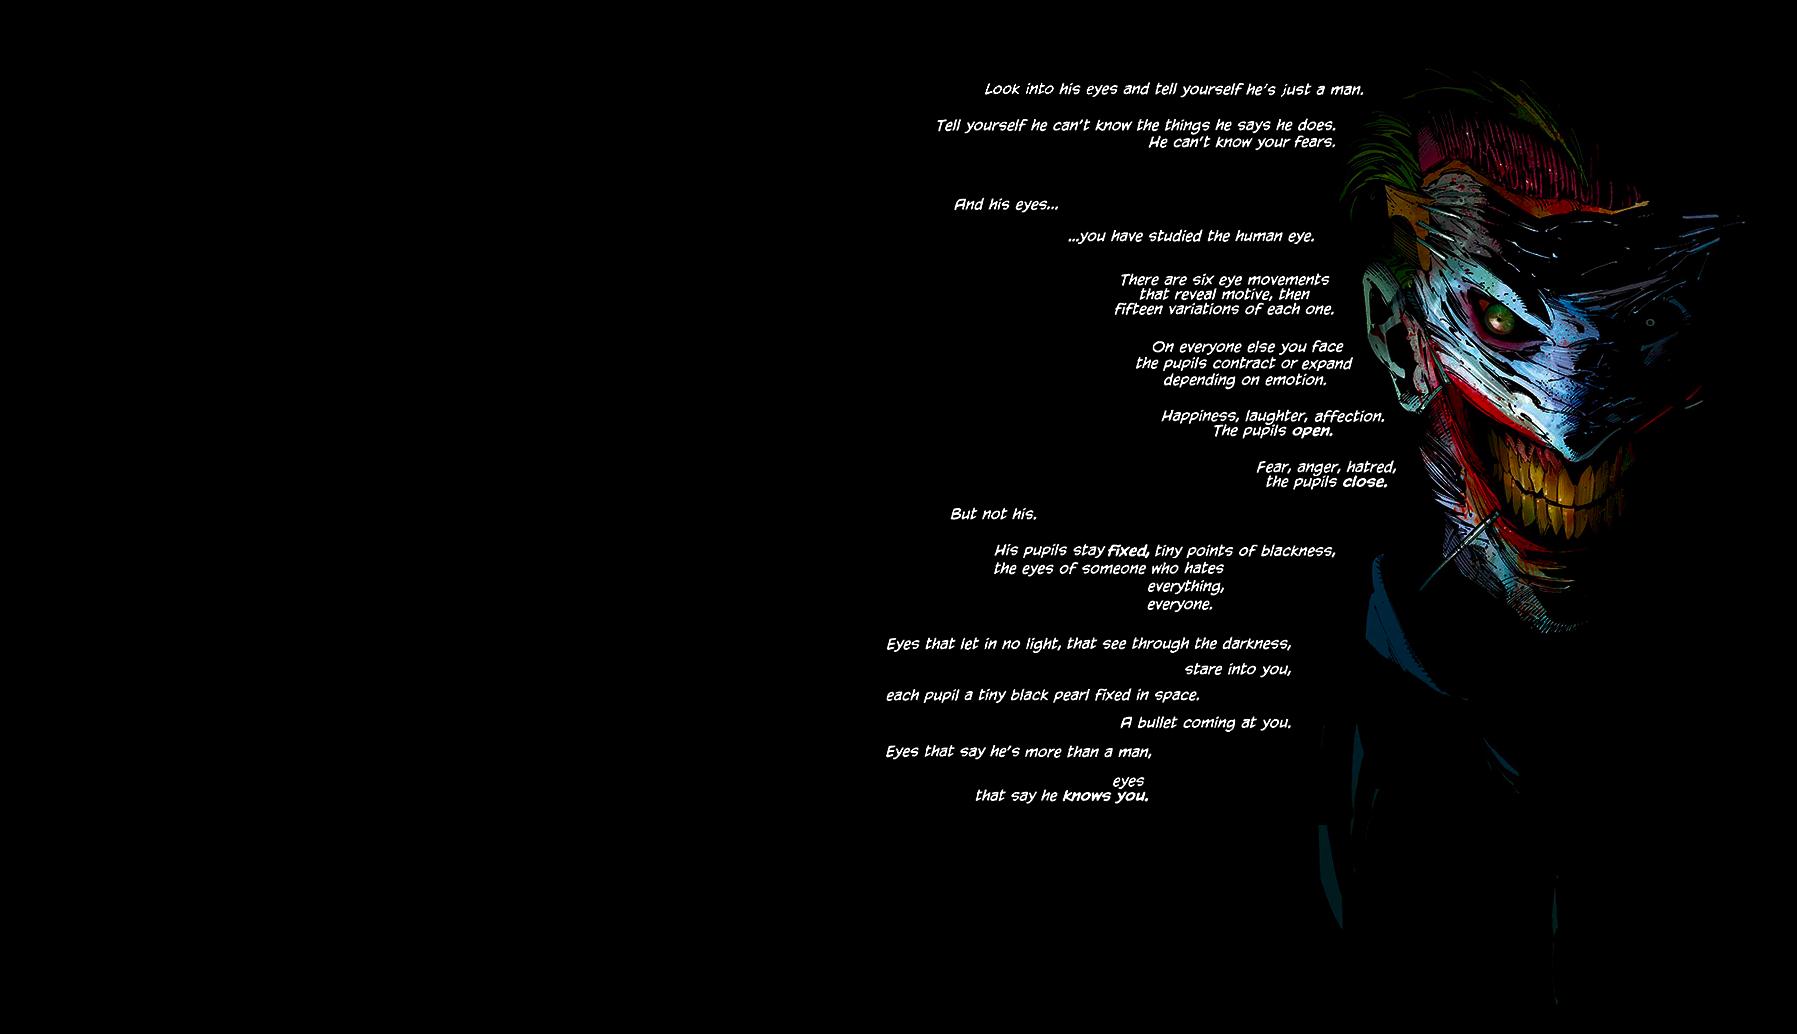 Joker Batman New 52 [1920x1080] wallpapers 1797x1034